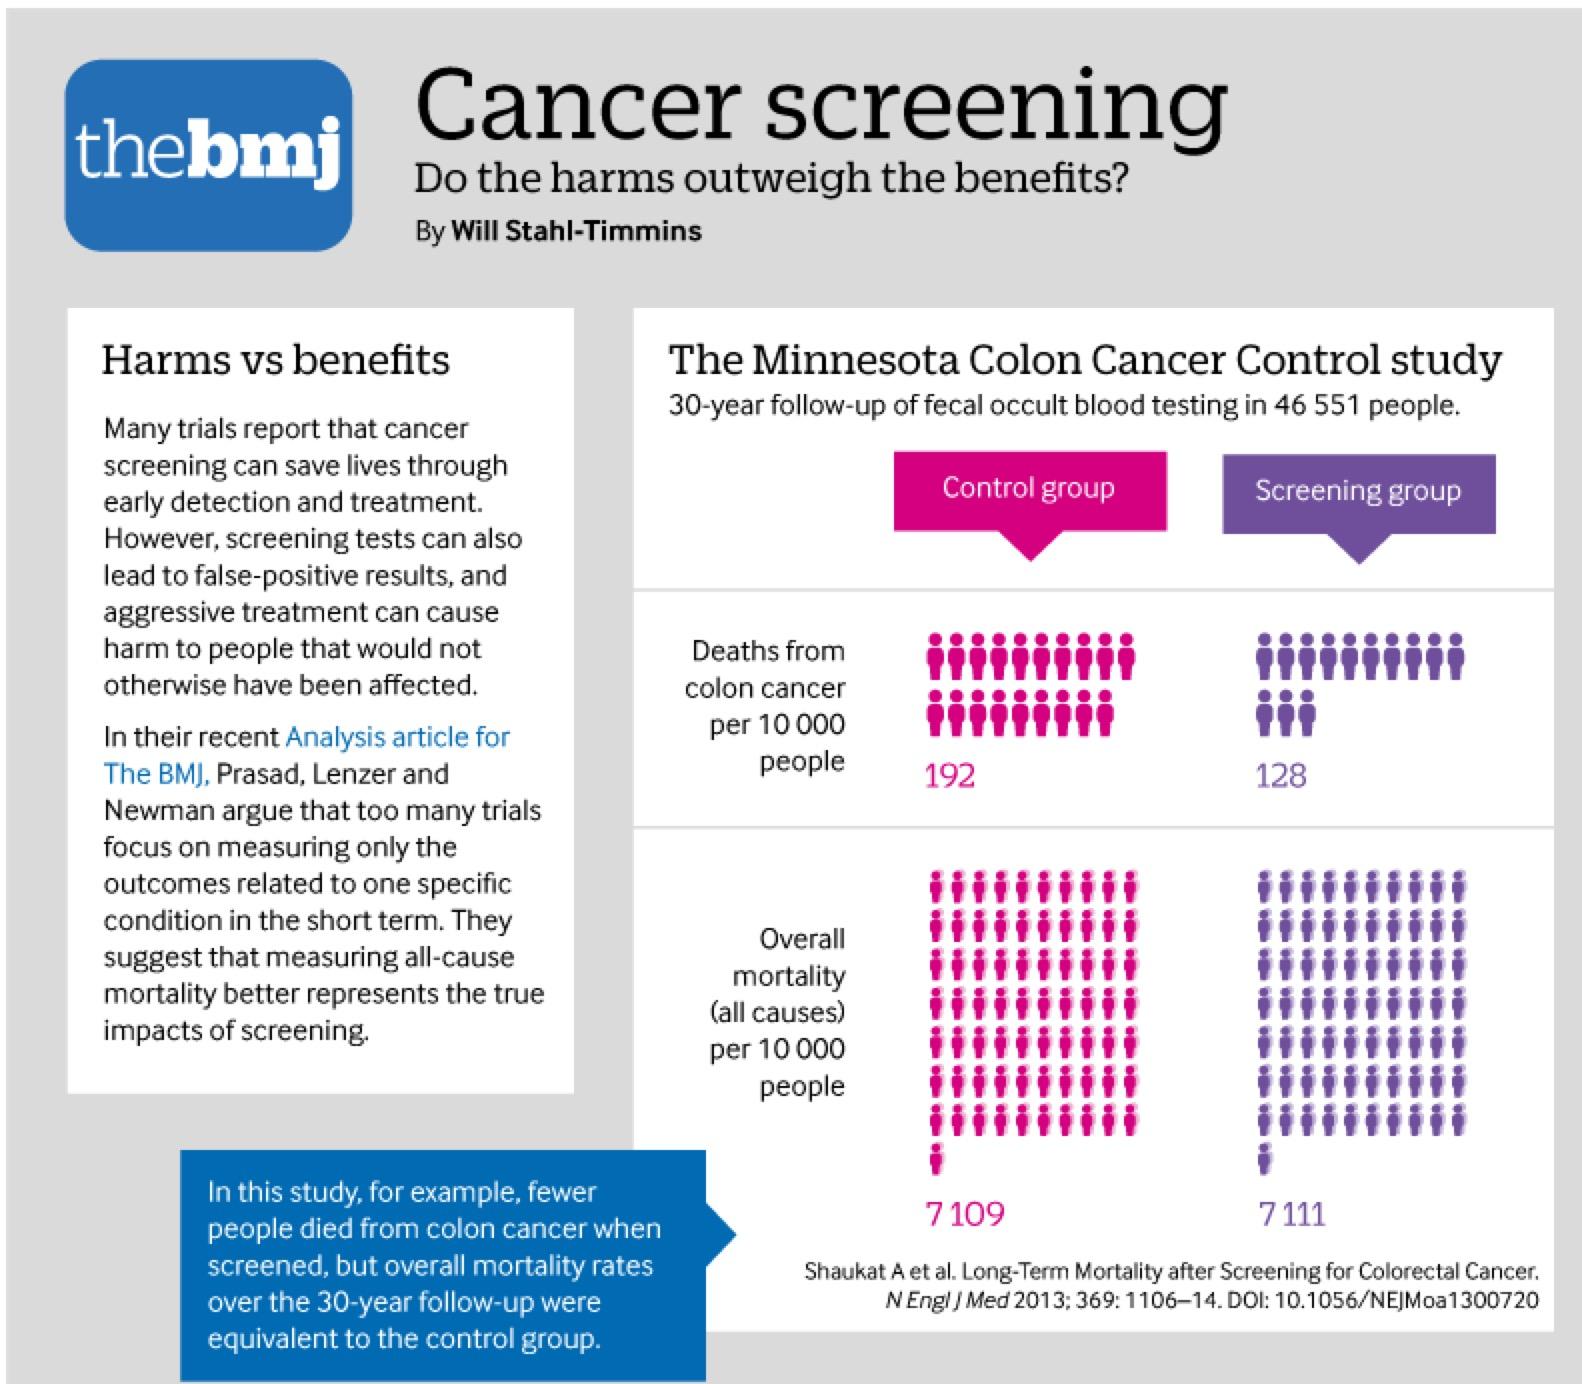 """Γιατί ο Προληπτικός Έλεγχος για τον Καρκίνο όχι μόνο δεν """"Σώζει Ζωές"""" αλλά είναι και Επιζήμιος, σύμφωνα με μελέτη στο British Medical Journal."""